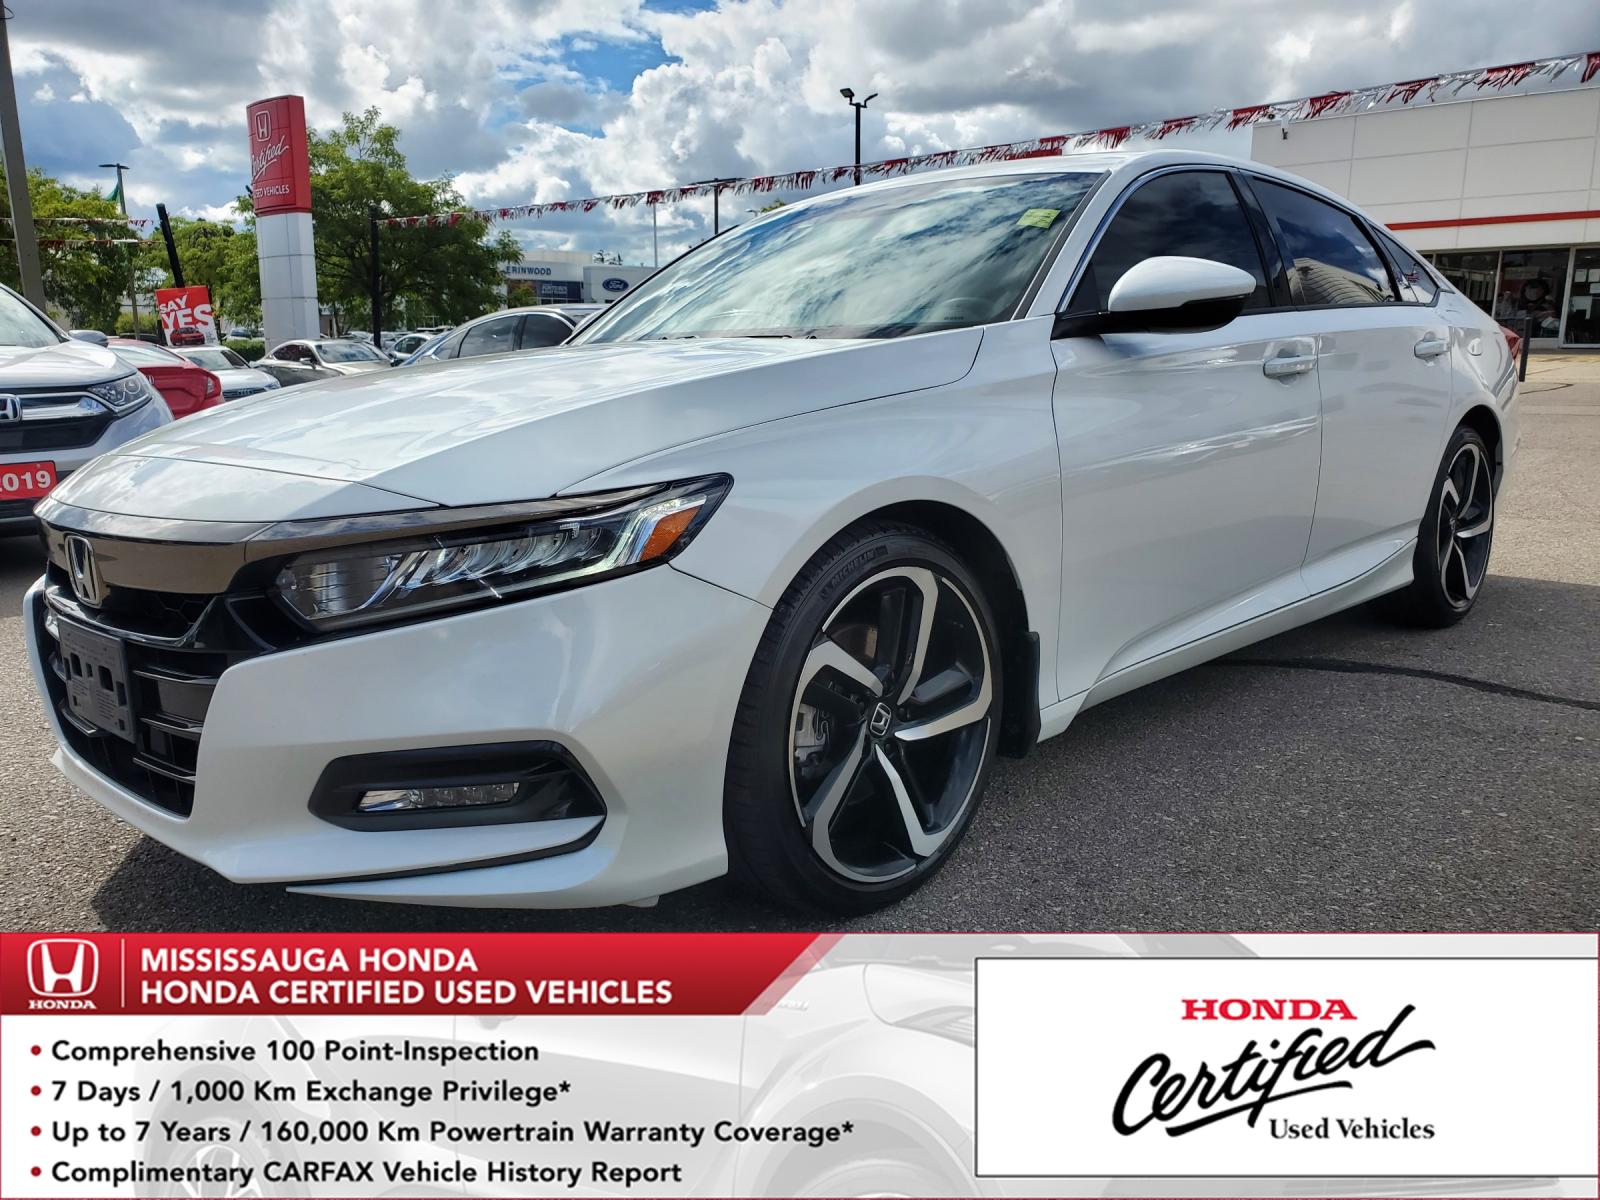 2019 Honda Accord Image